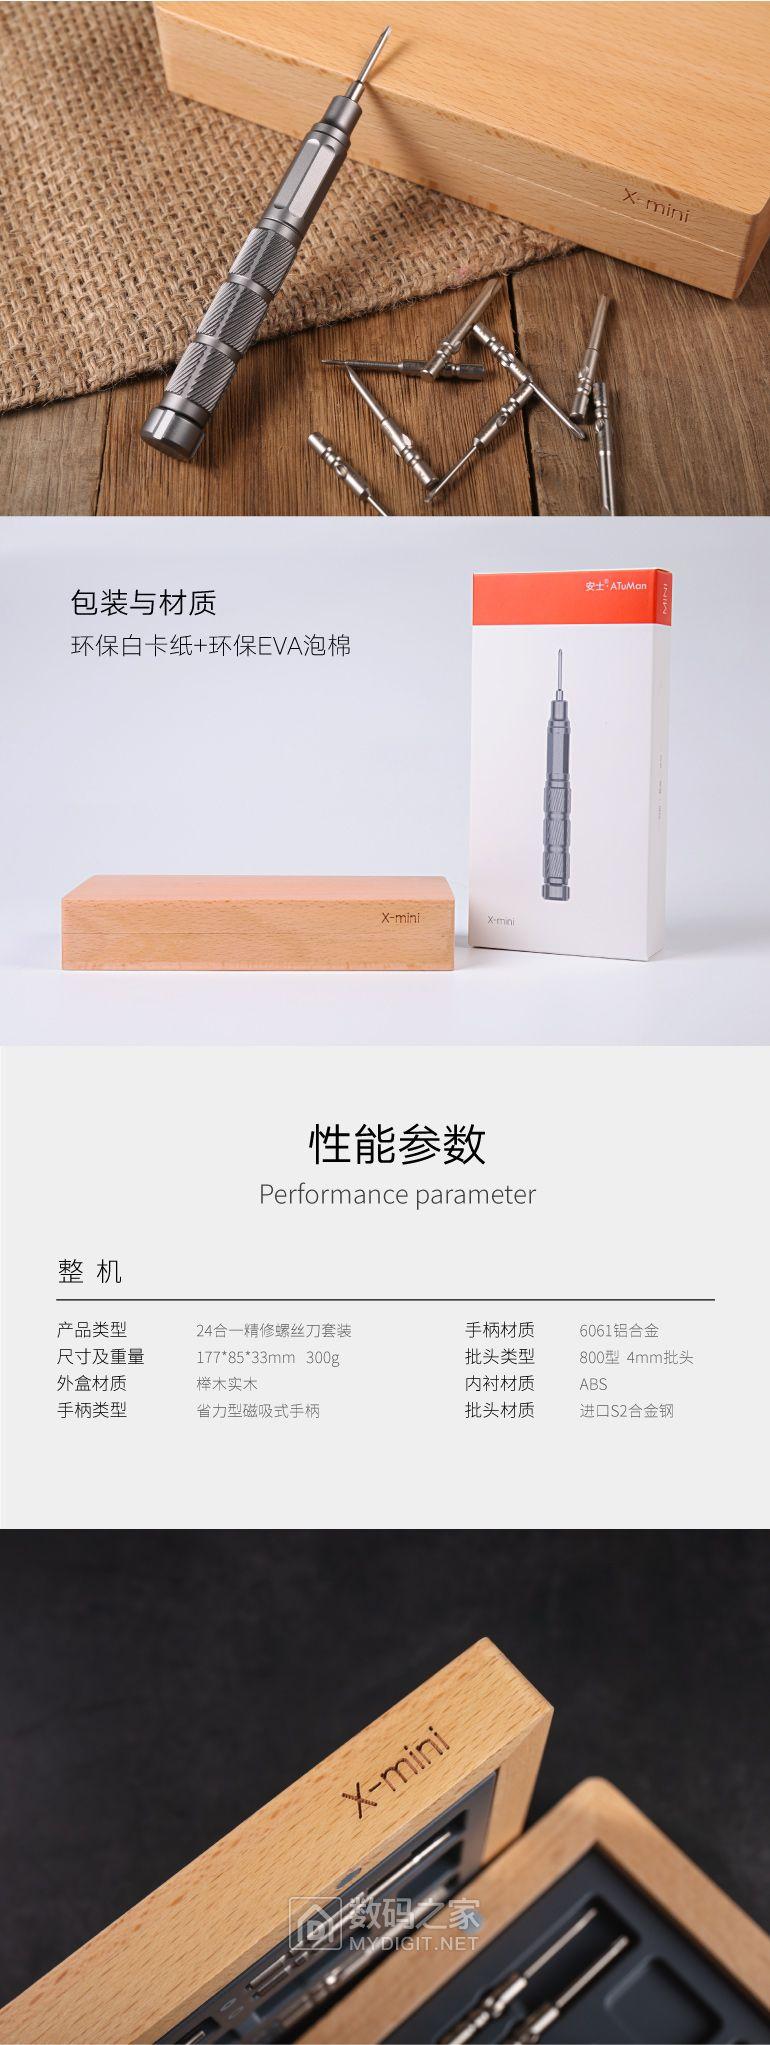 新款众筹+抽奖!安士X mini 24合一精修螺丝刀套装试用评测活动(中奖名单公布)